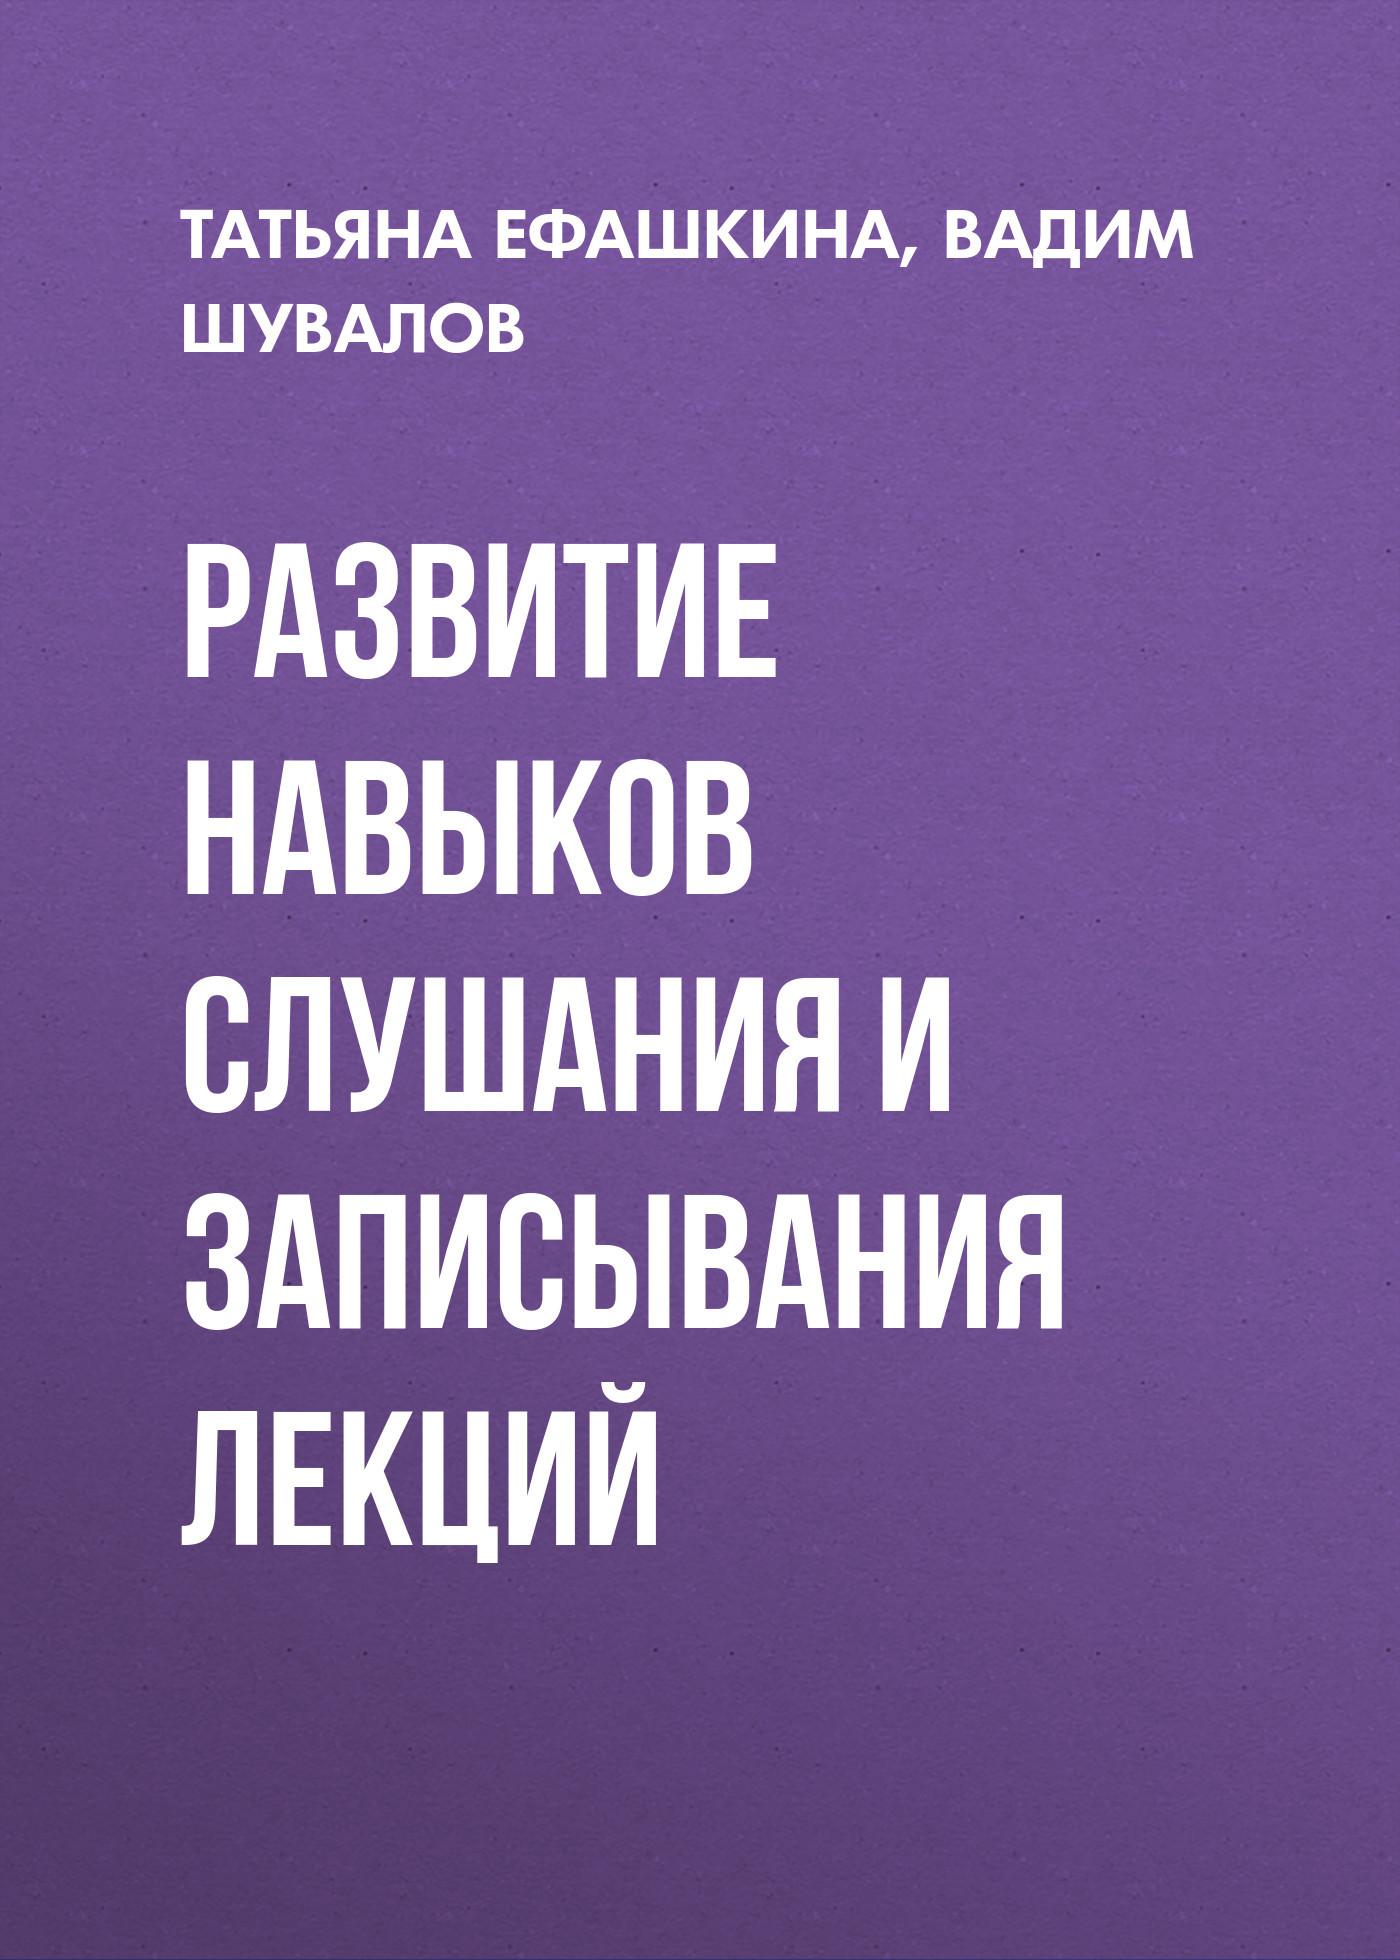 Татьяна Ефашкина. Развитие навыков слушания и записывания лекций